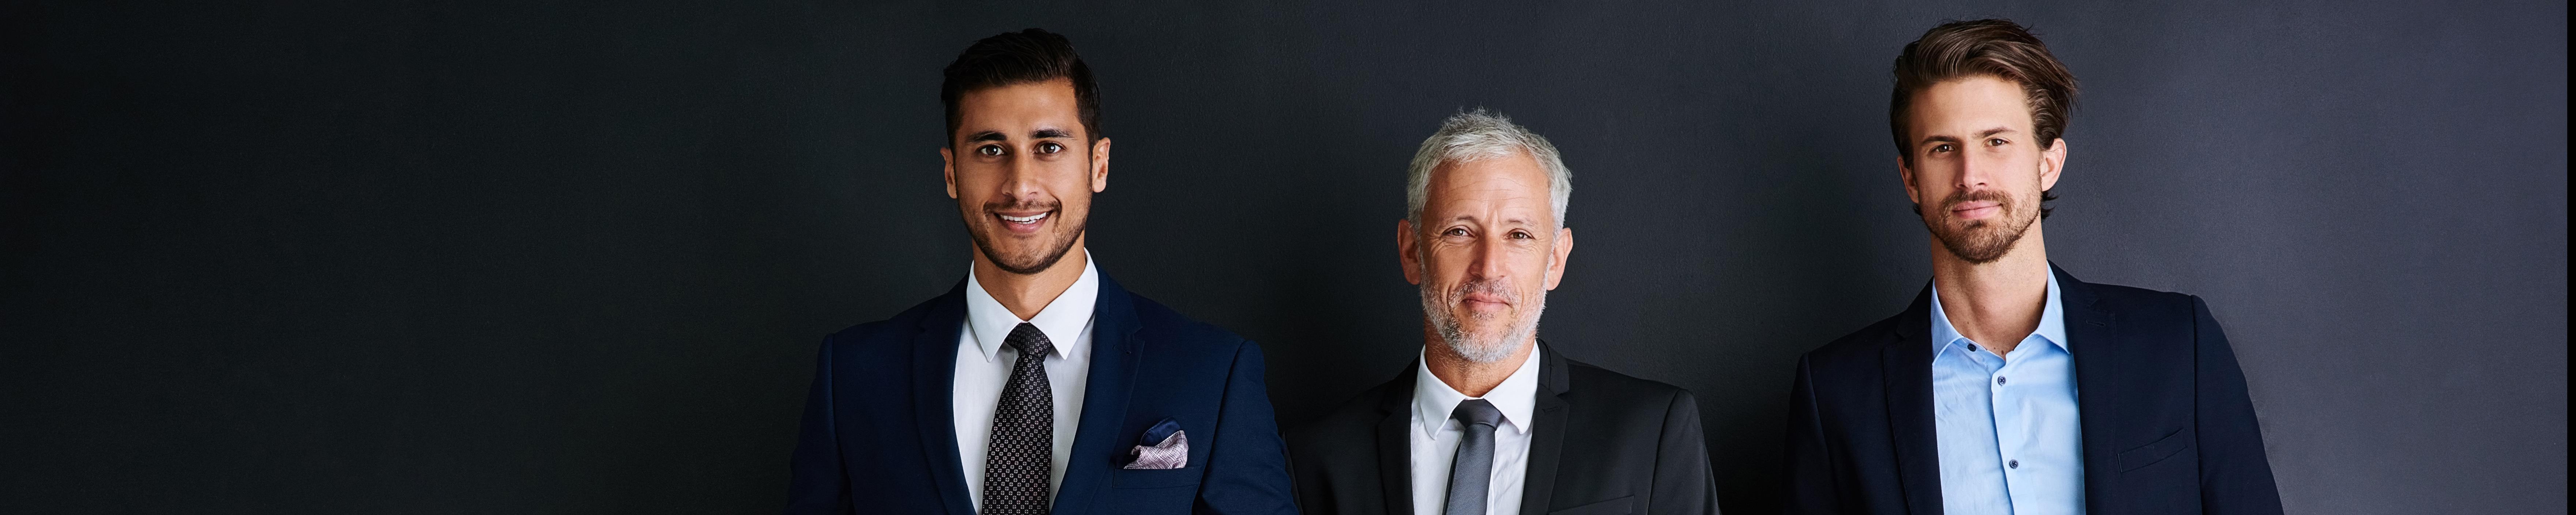 3-business-men-interne-karriere-bc